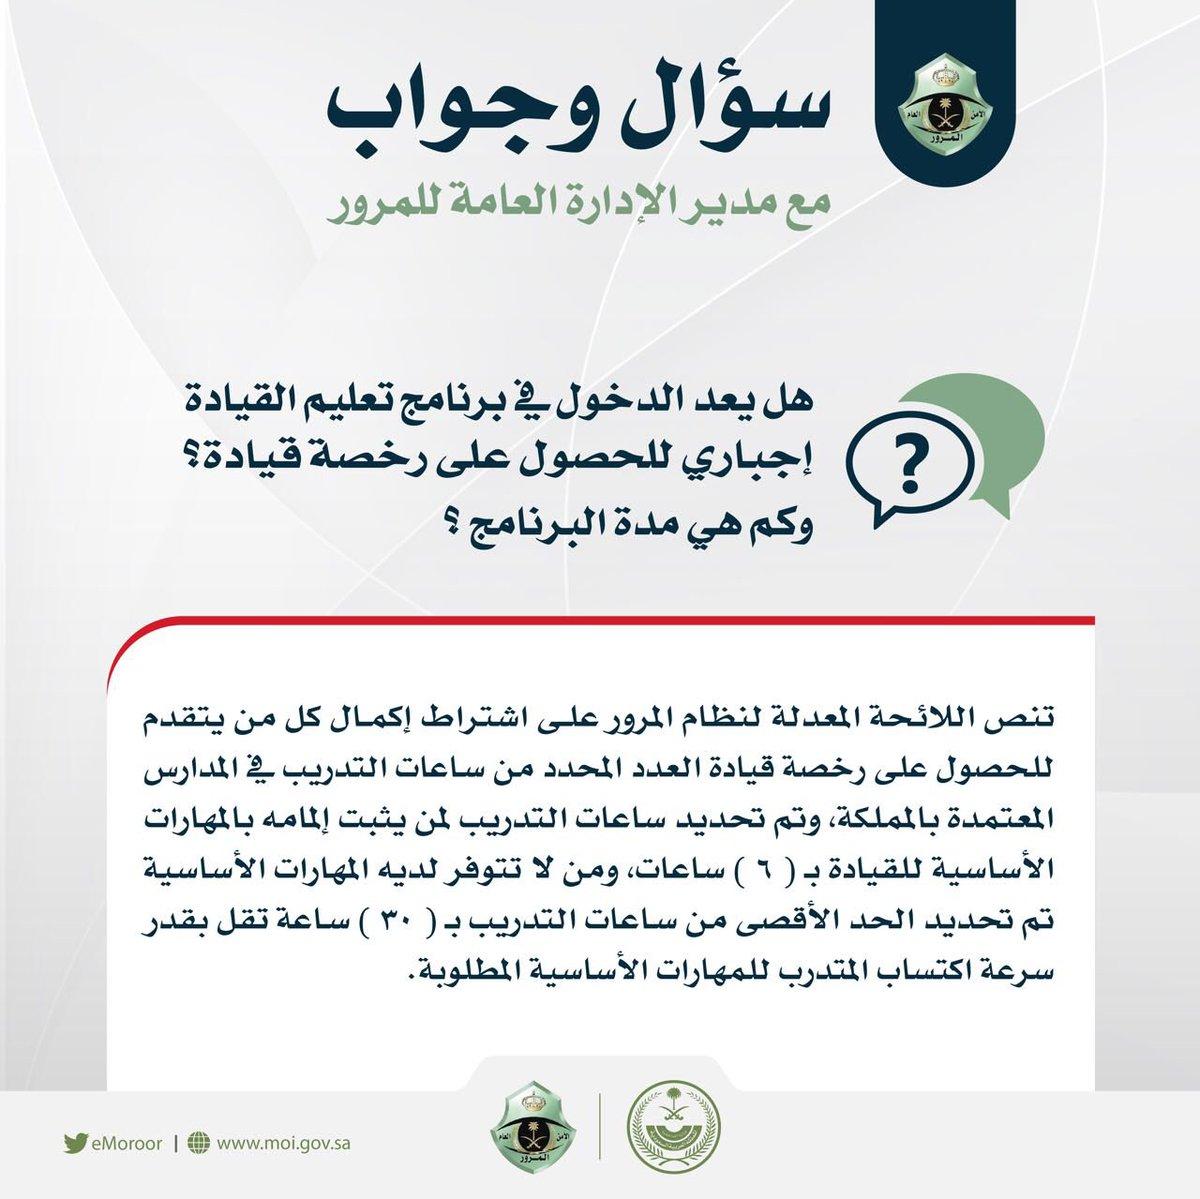 الأساسي فايال يا للهول كيف اطلع رخصة قيادة للرجال Comertinsaat Com